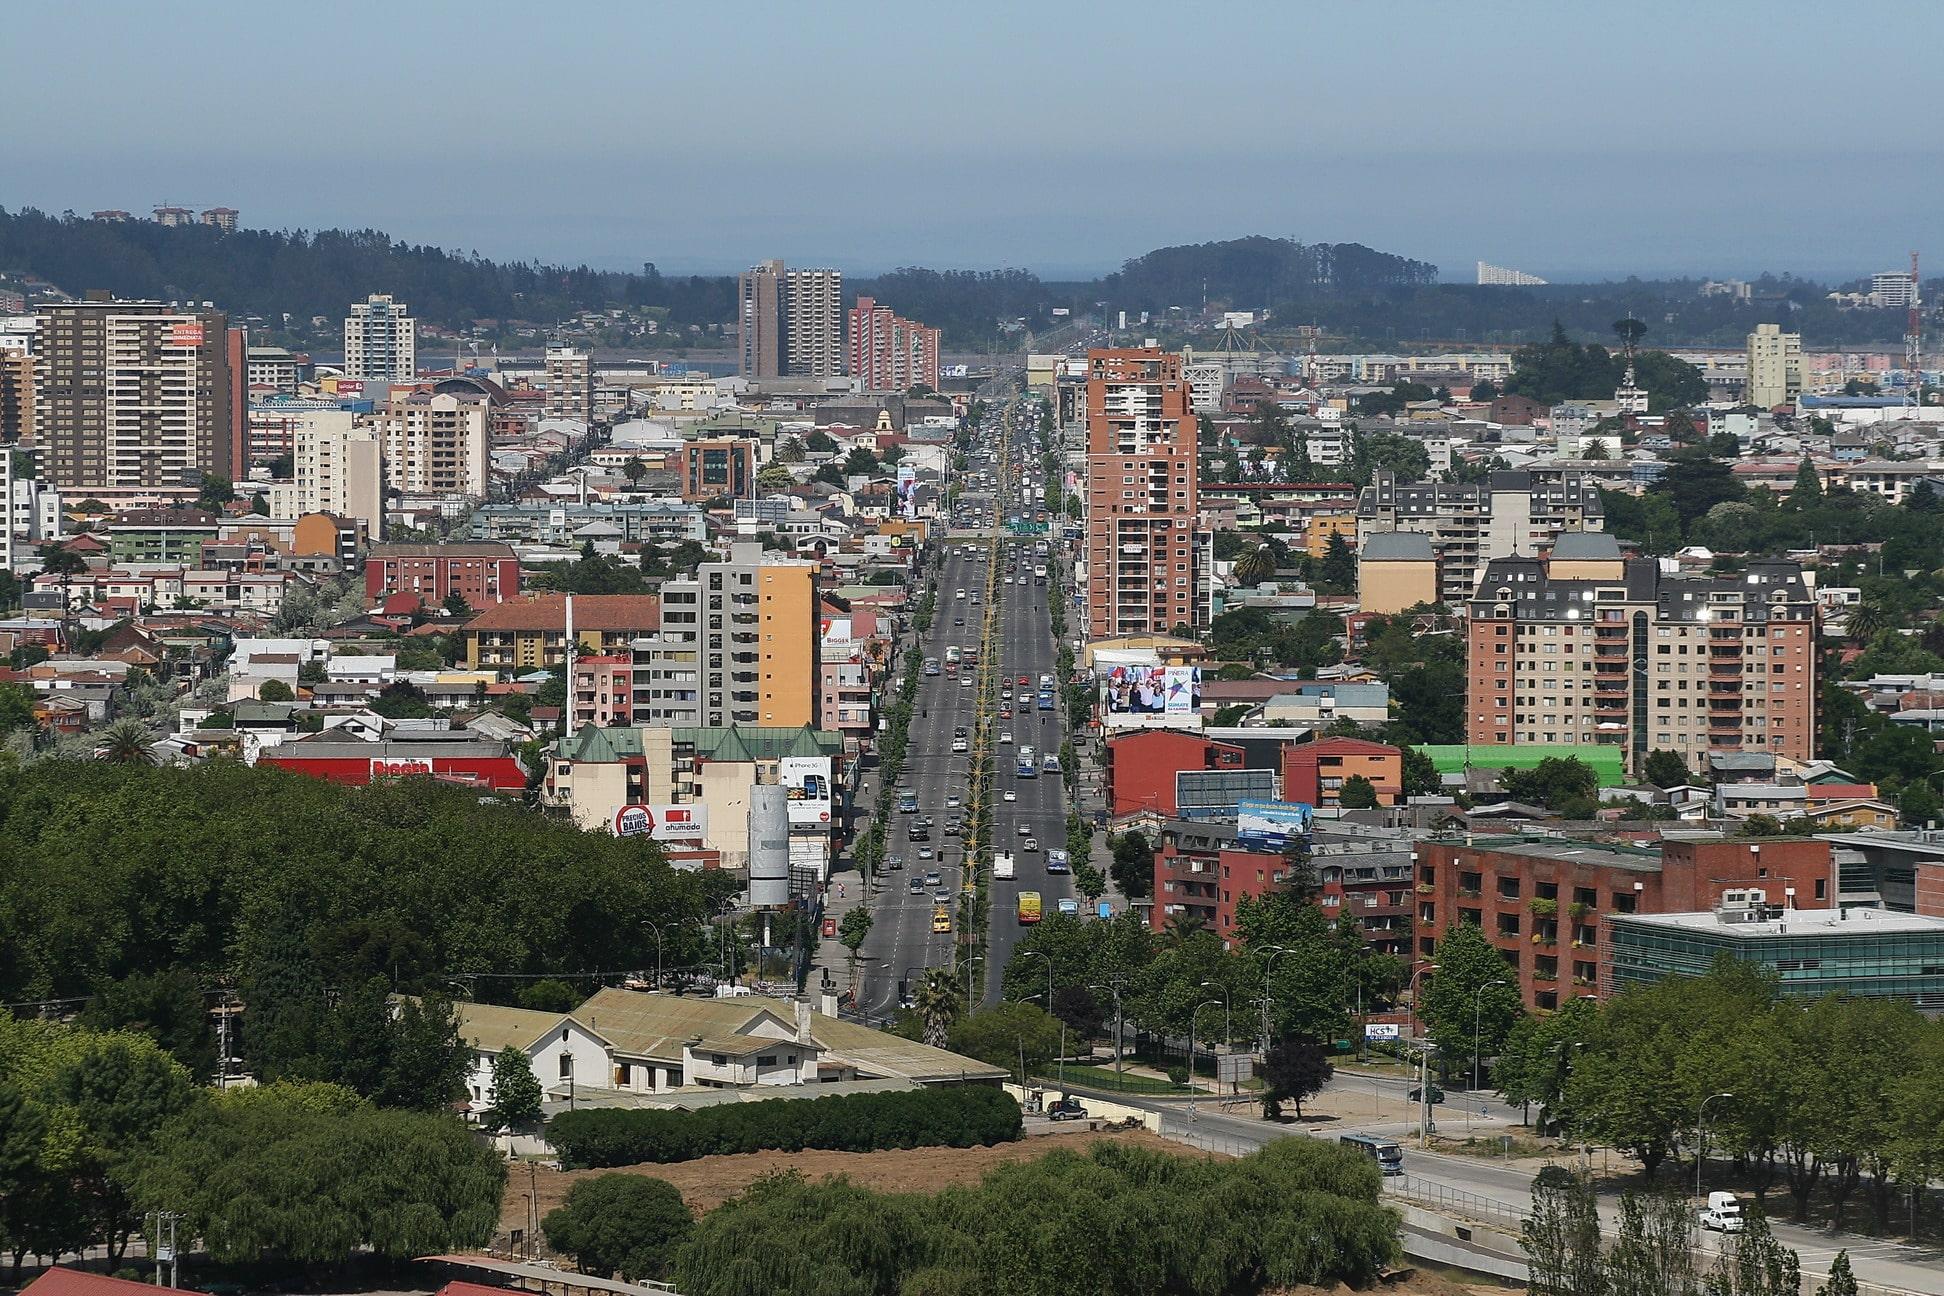 Chile tiene planes de convertir a concepci 243 n en una ciudad